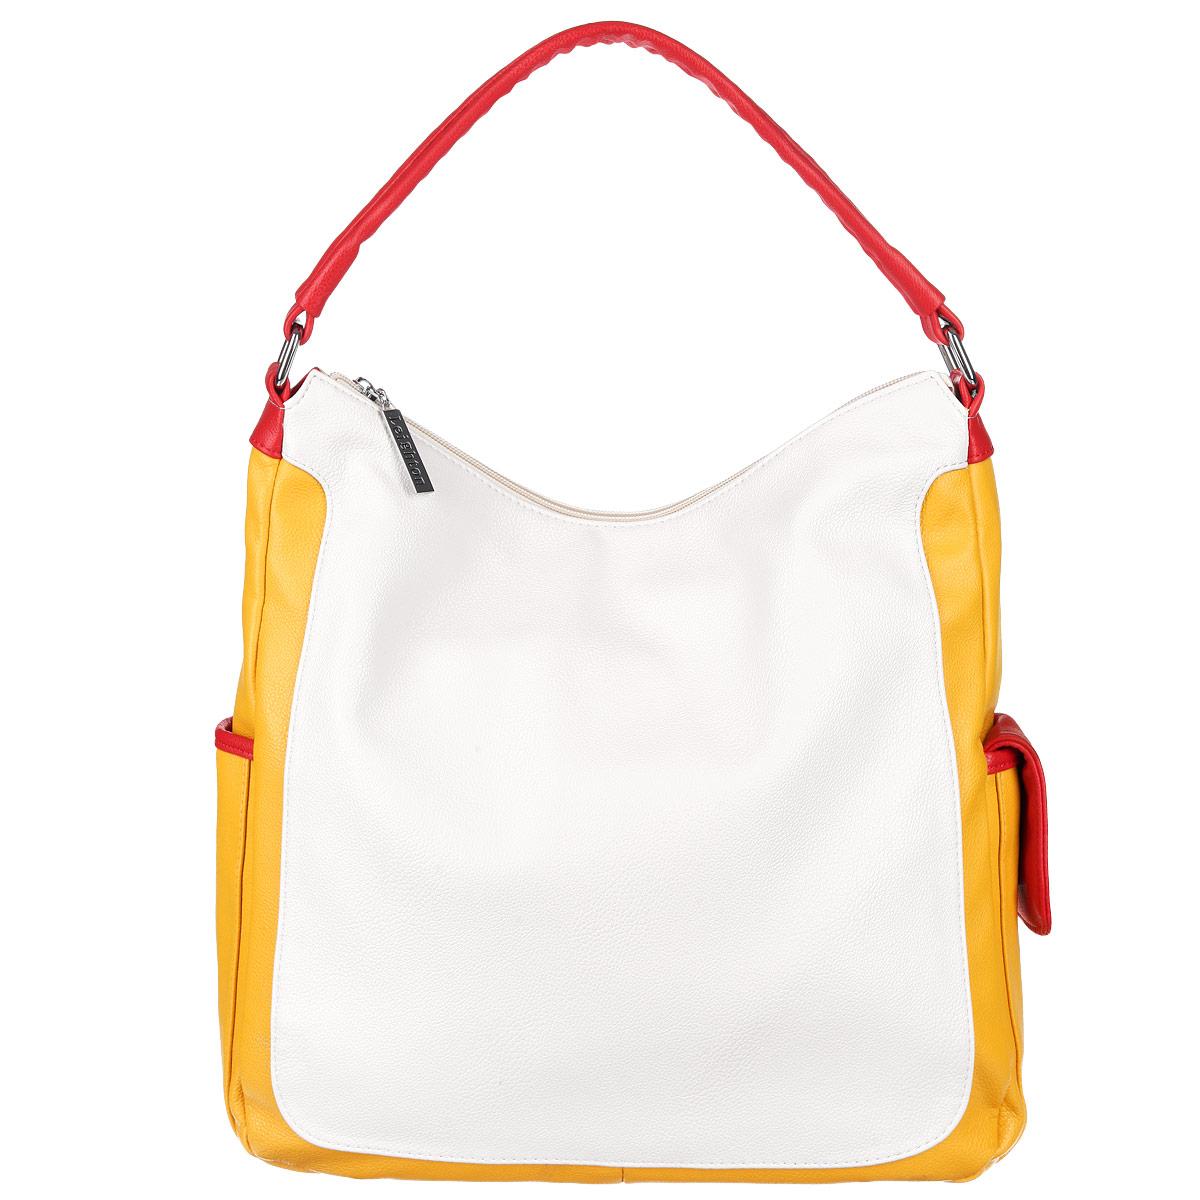 Сумка женская Leighton, цвет: белый, желтый. 10421-1070/922/1070/808/110421-1070/922/1070/808/1Стильная женская сумка Leighton выполнена из высококачественной искусственной кожи контрастных цветов. Сумка состоит из одного отделения и закрывается на молнию. Сумка разделена карманом-средником. Внутри отделения есть два накладных кармашка для мелочей и телефона и врезной карман на застежке-молнии. По бокам сумки расположены накладные кармашки, один на магнитной кнопке, другой закрывается на клапан. Задняя сторона дополнена плоским врезным карманом на застежке-молнии. В комплекте чехол для хранения. Сумка - это стильный аксессуар, который подчеркнет вашу индивидуальность и сделает ваш образ завершенным. Классическое цветовое сочетание, стильный декор, модный дизайн - прекрасное дополнение к гардеробу модницы.